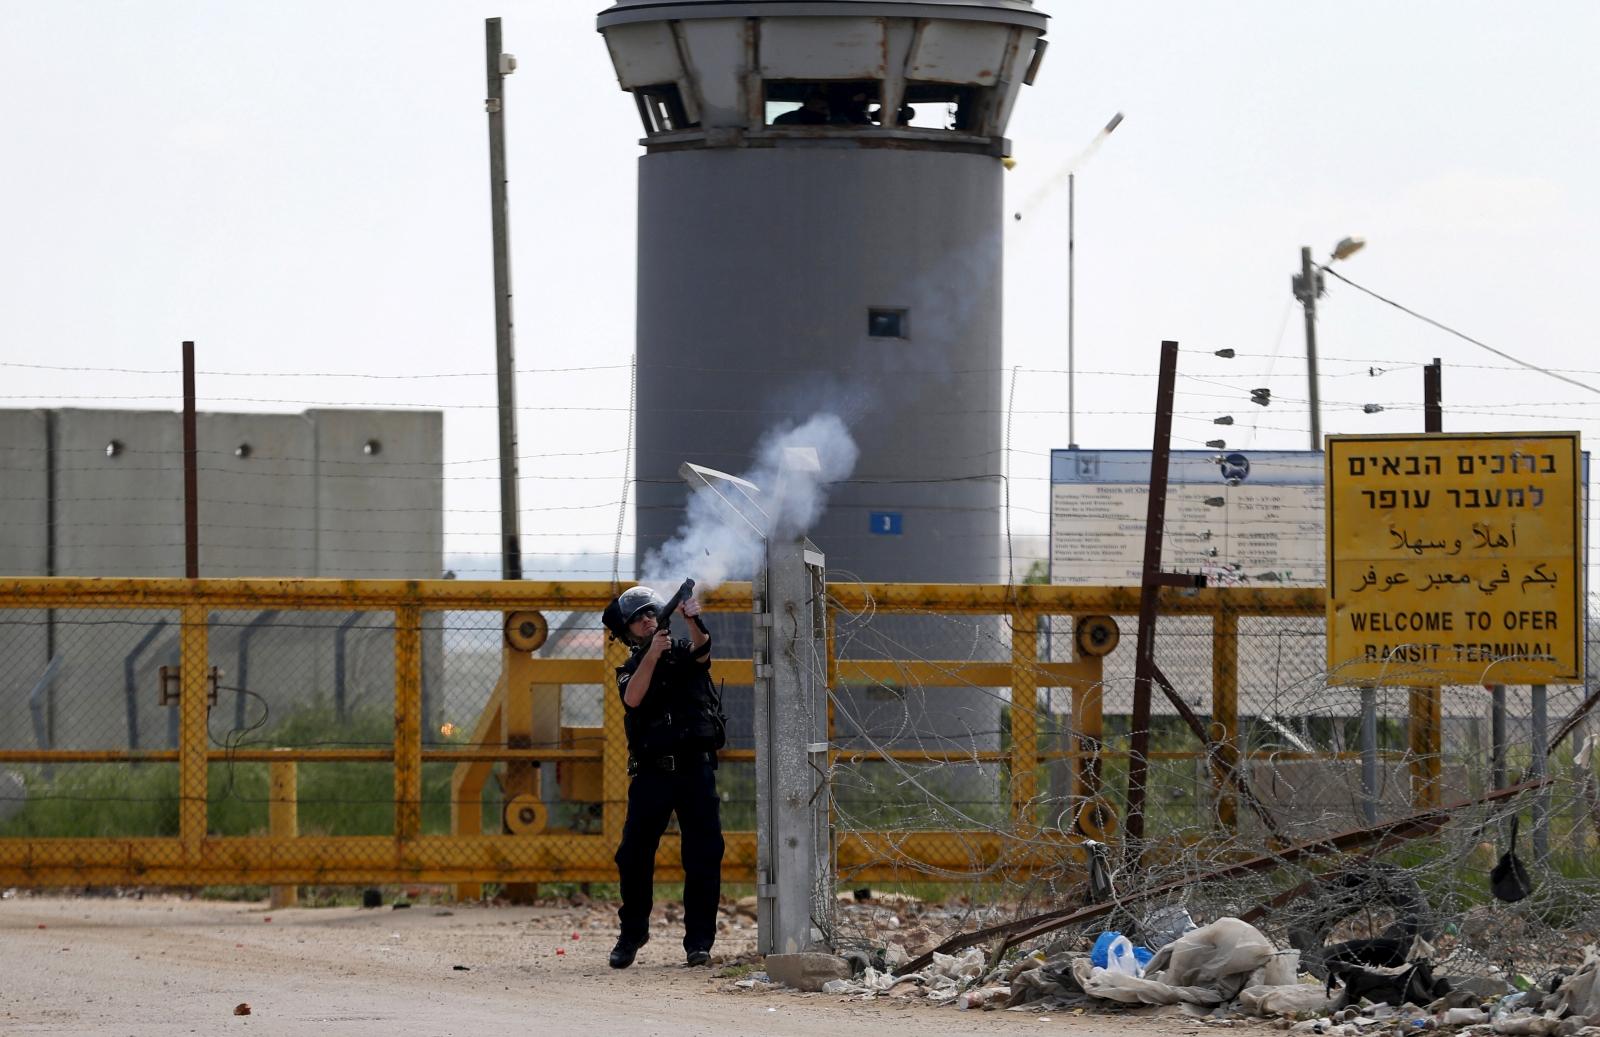 Palestinian professor remains imprisoned in Israel despite court order